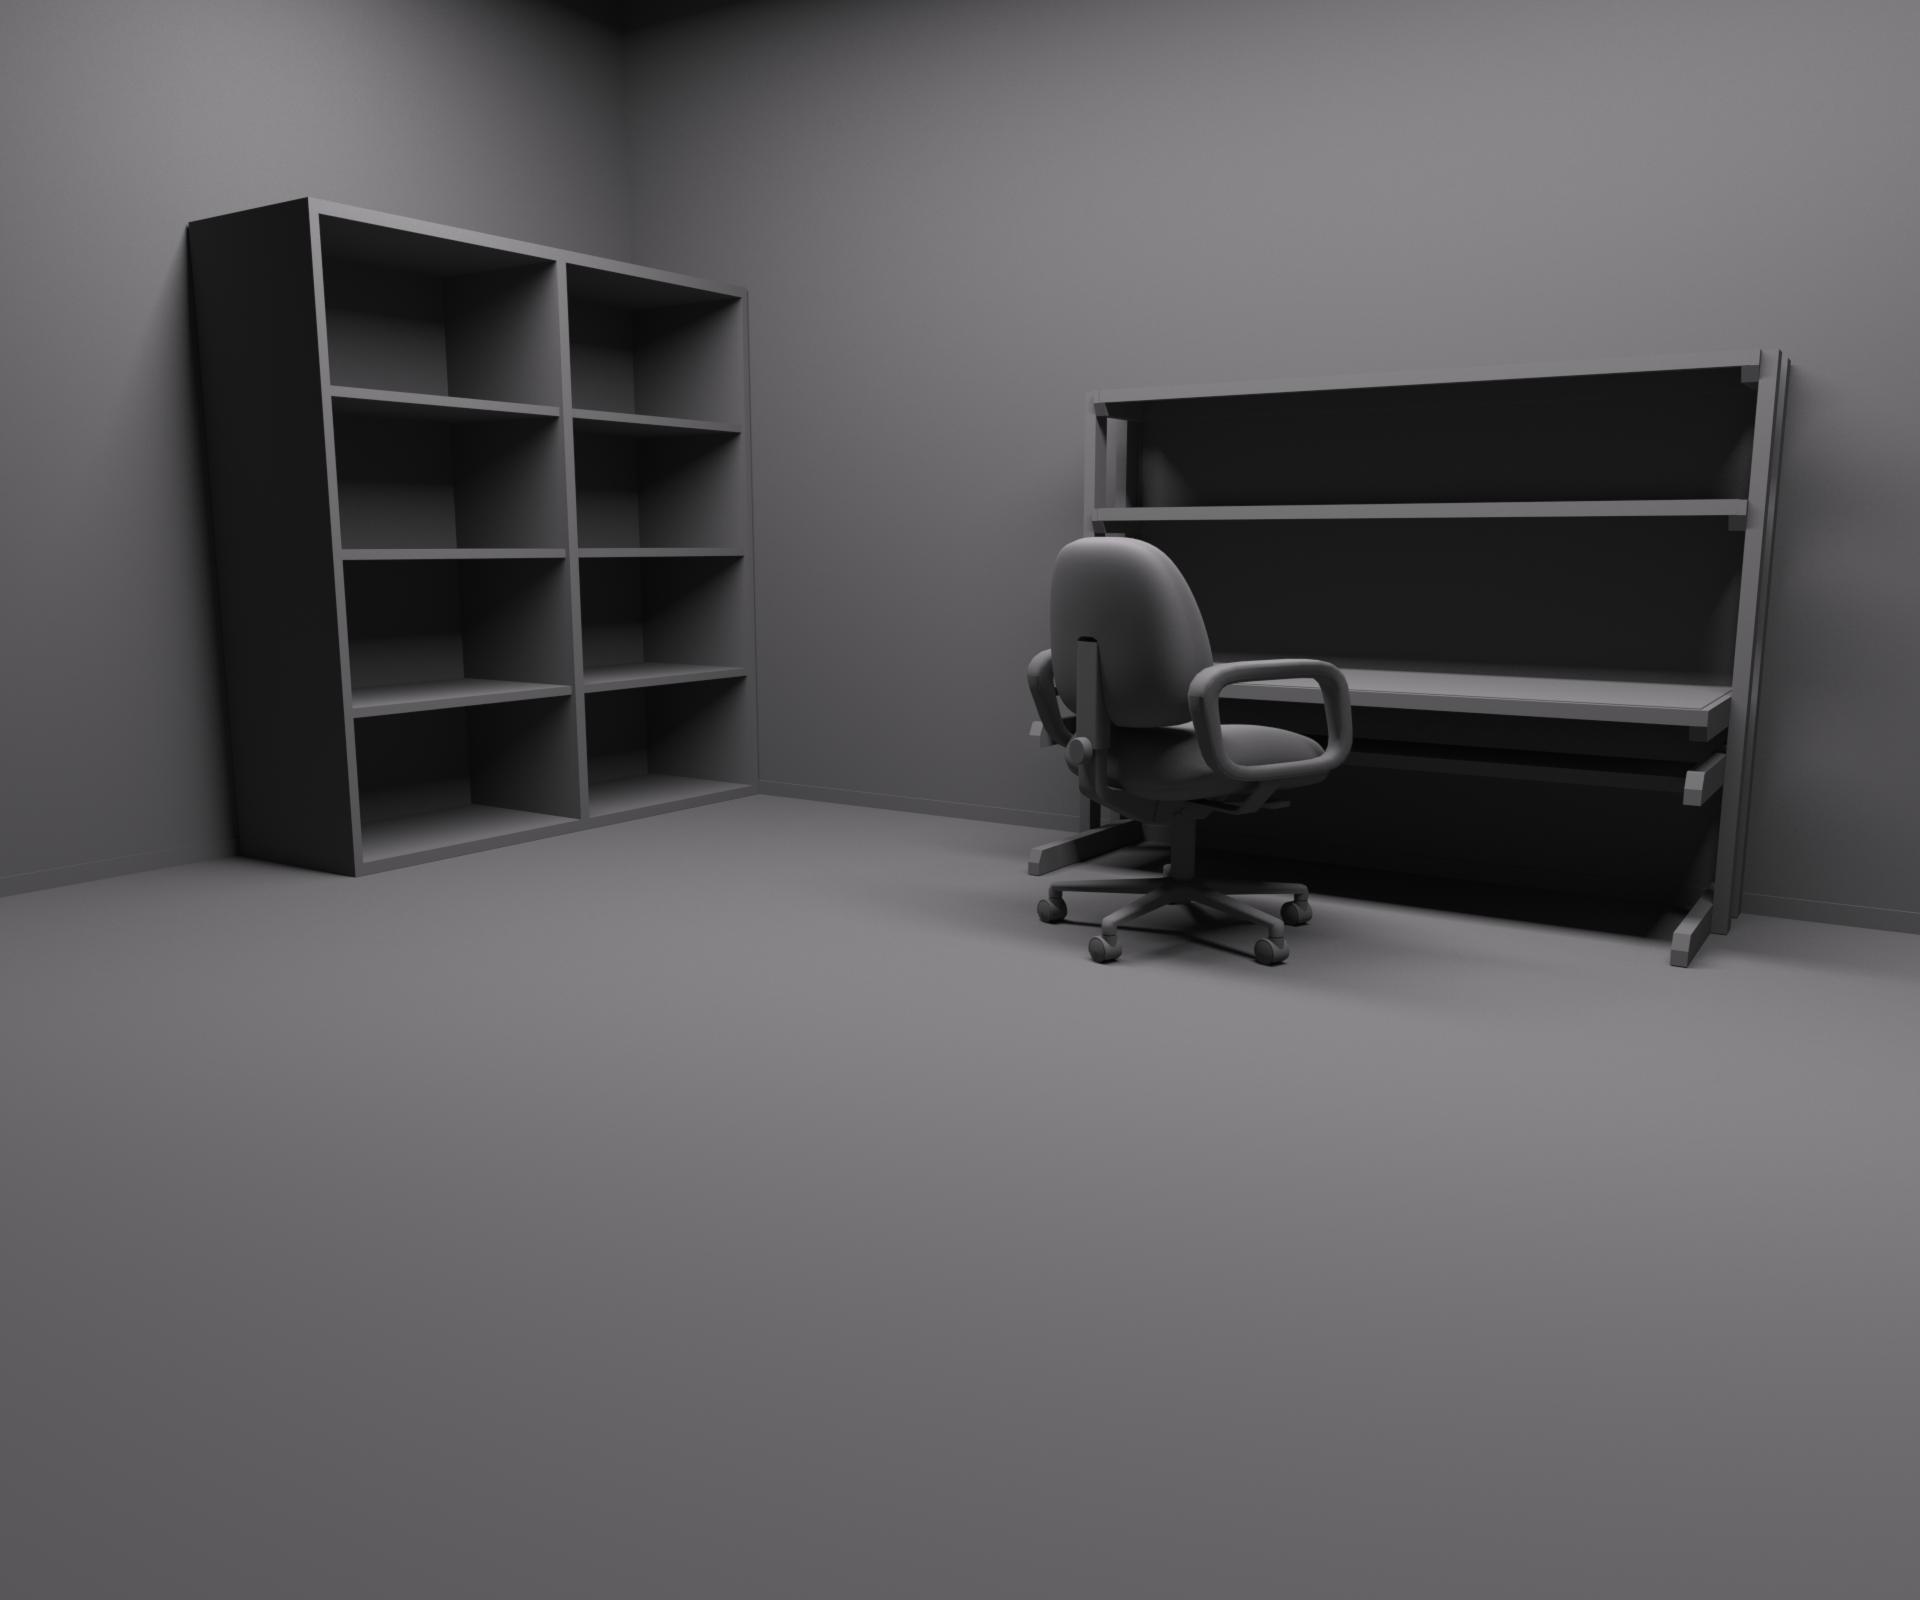 Рабочий стол кабинет с полками картинки